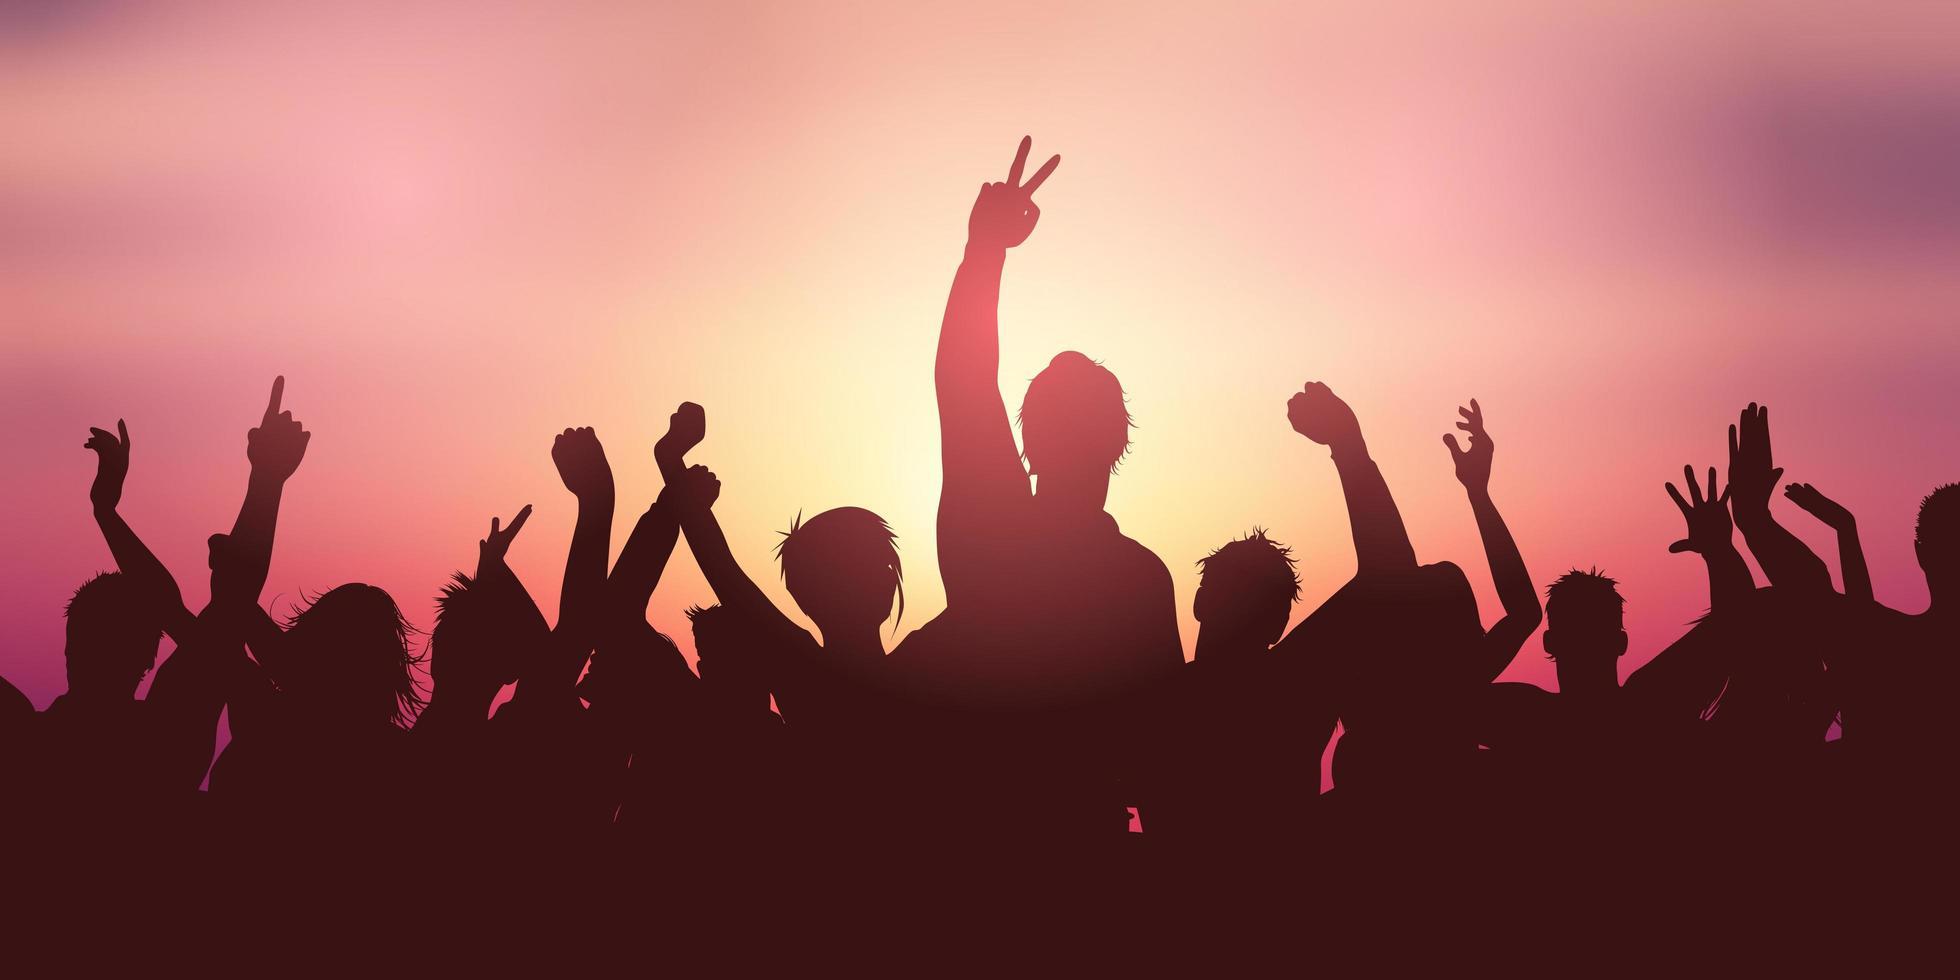 fest publikbanner mot solnedgånghimmel vektor